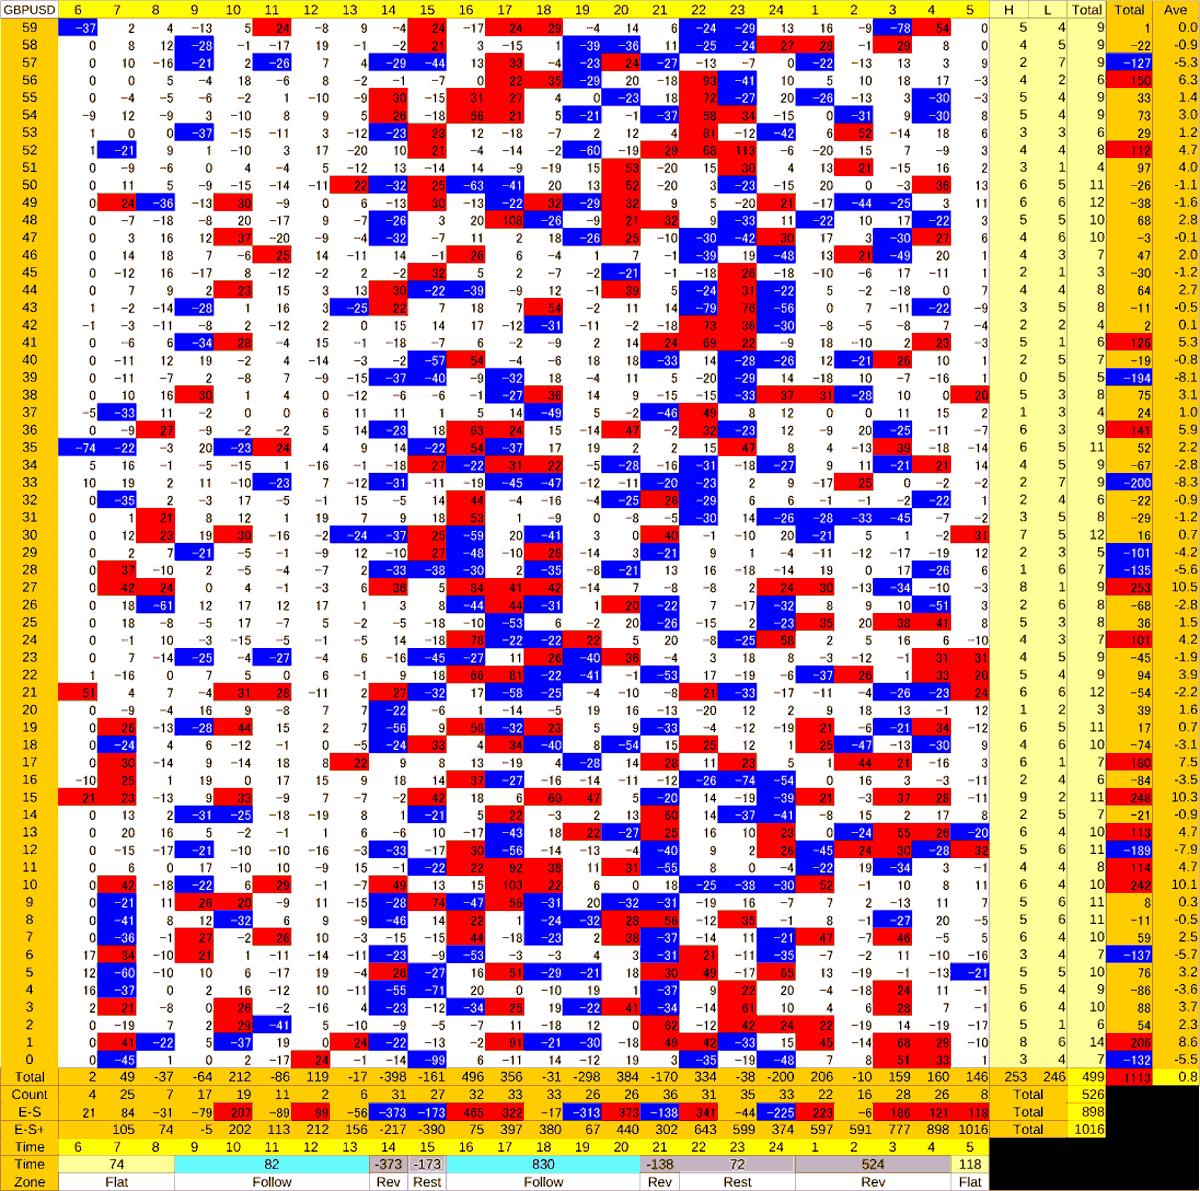 20200615_HS(2)GBPUSD